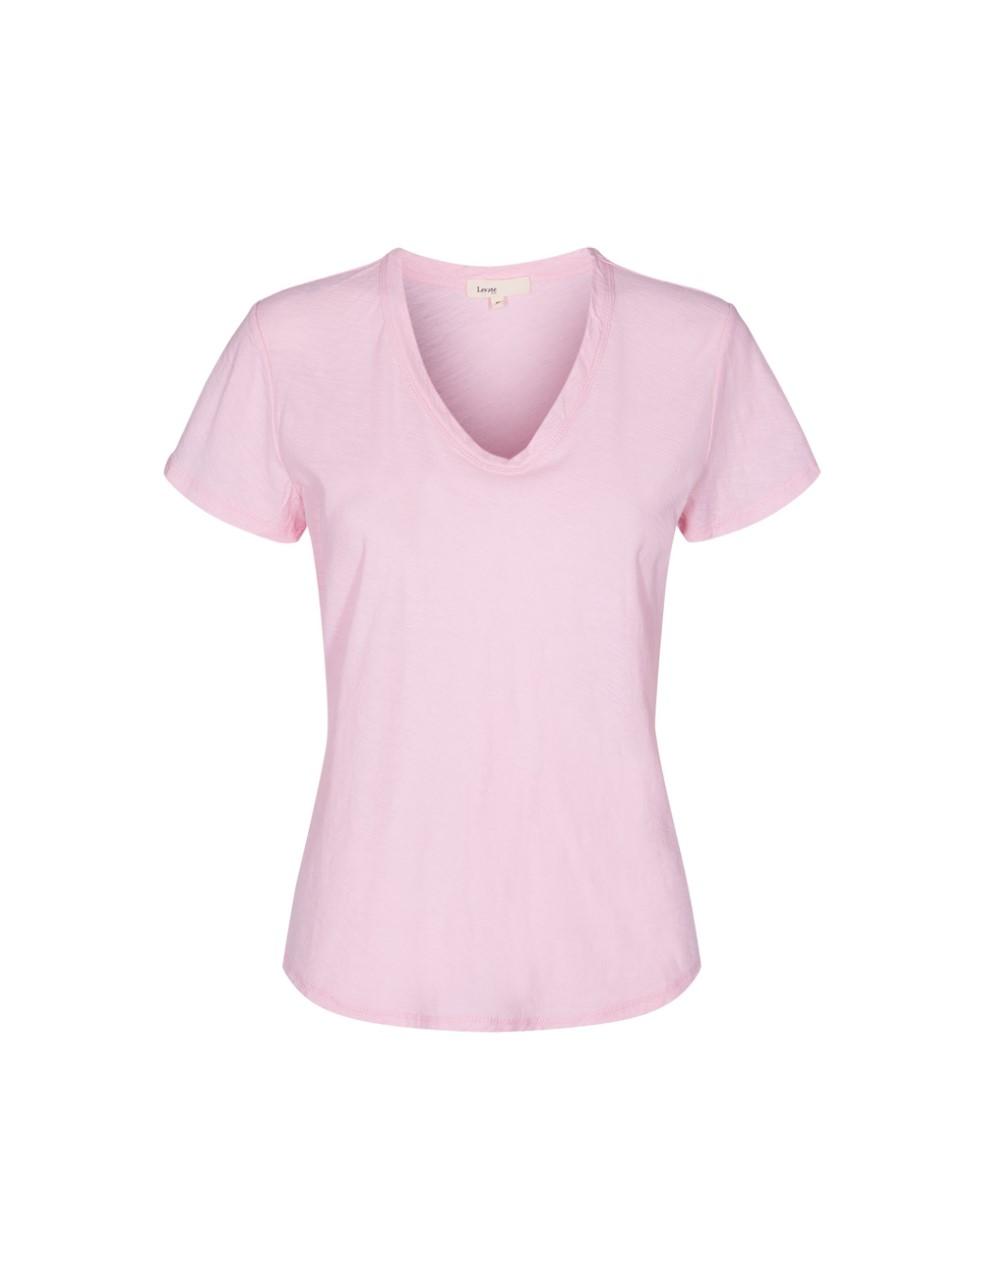 Leveteroom Any T Shirt